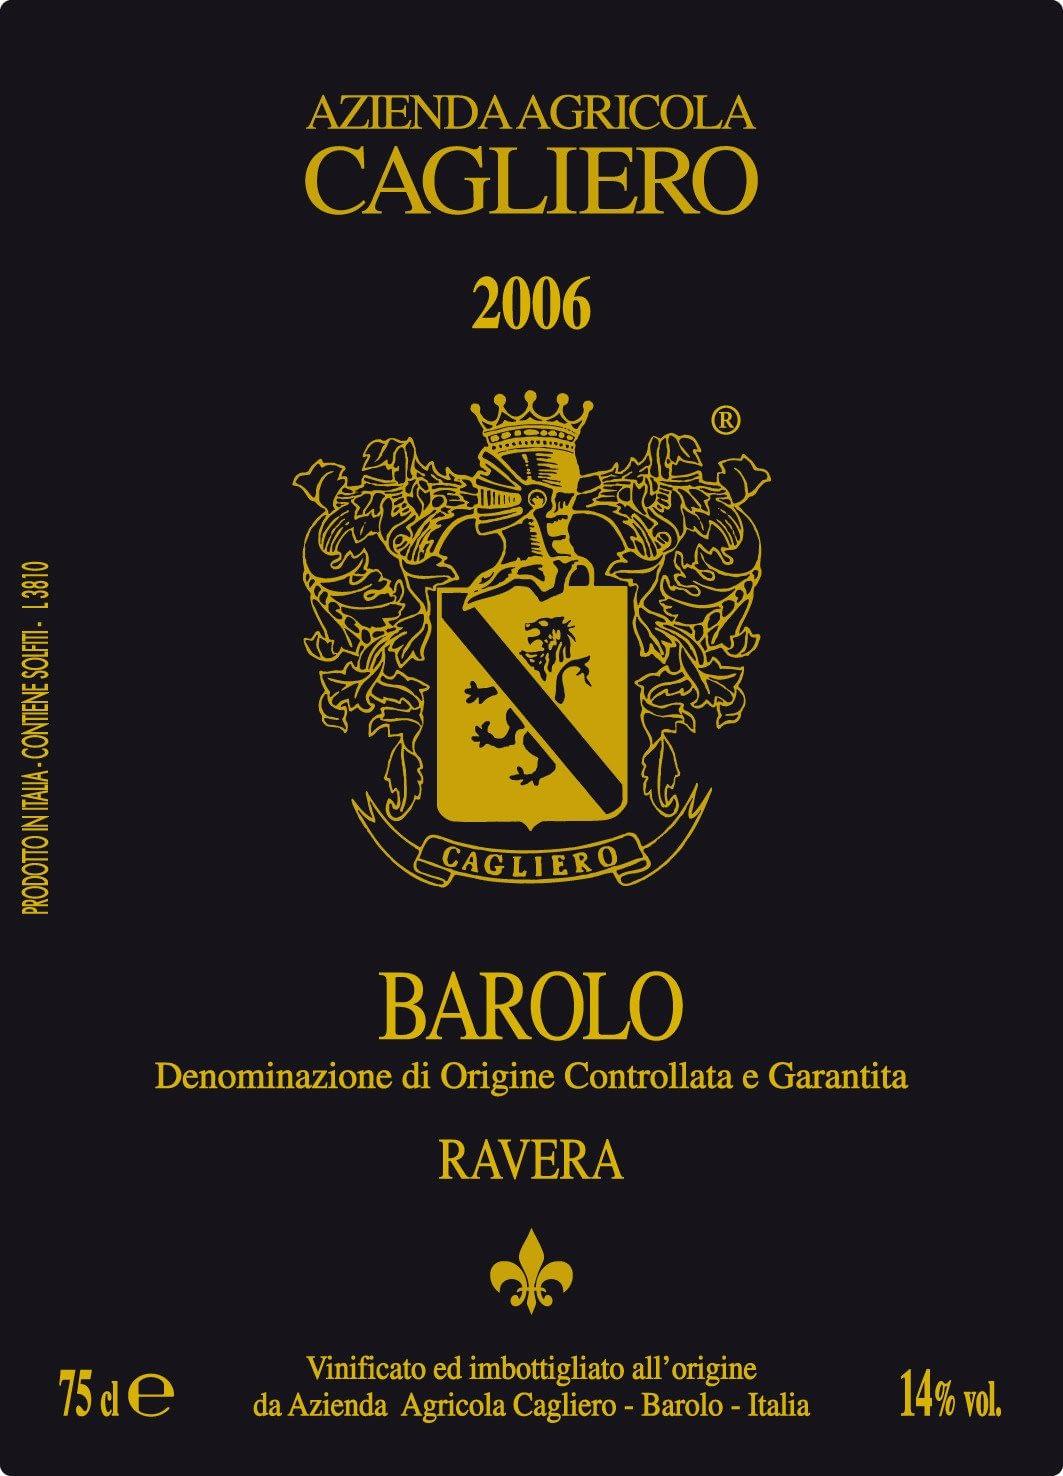 Cagliero Barolo Ravera 2006